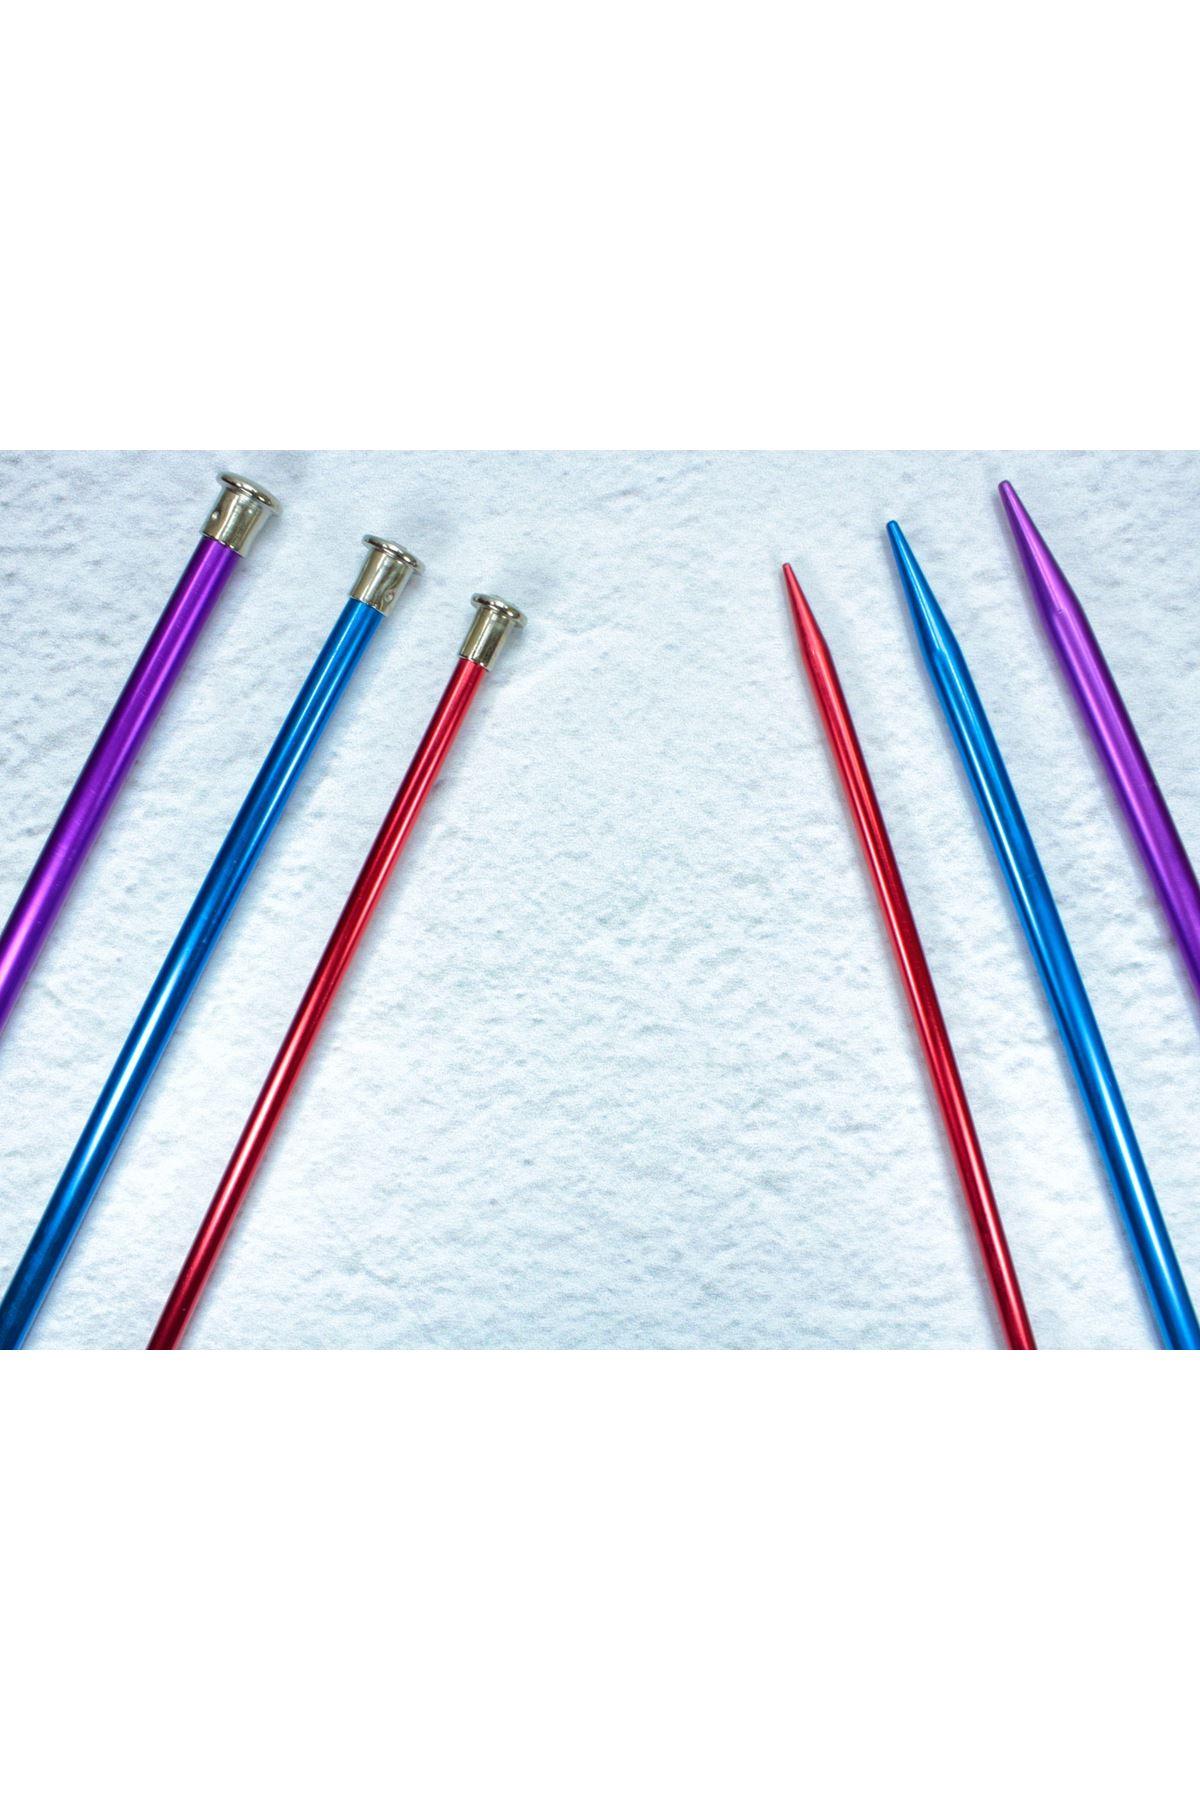 Renkli Metal Kısa Çocuk Şişi 25 cm